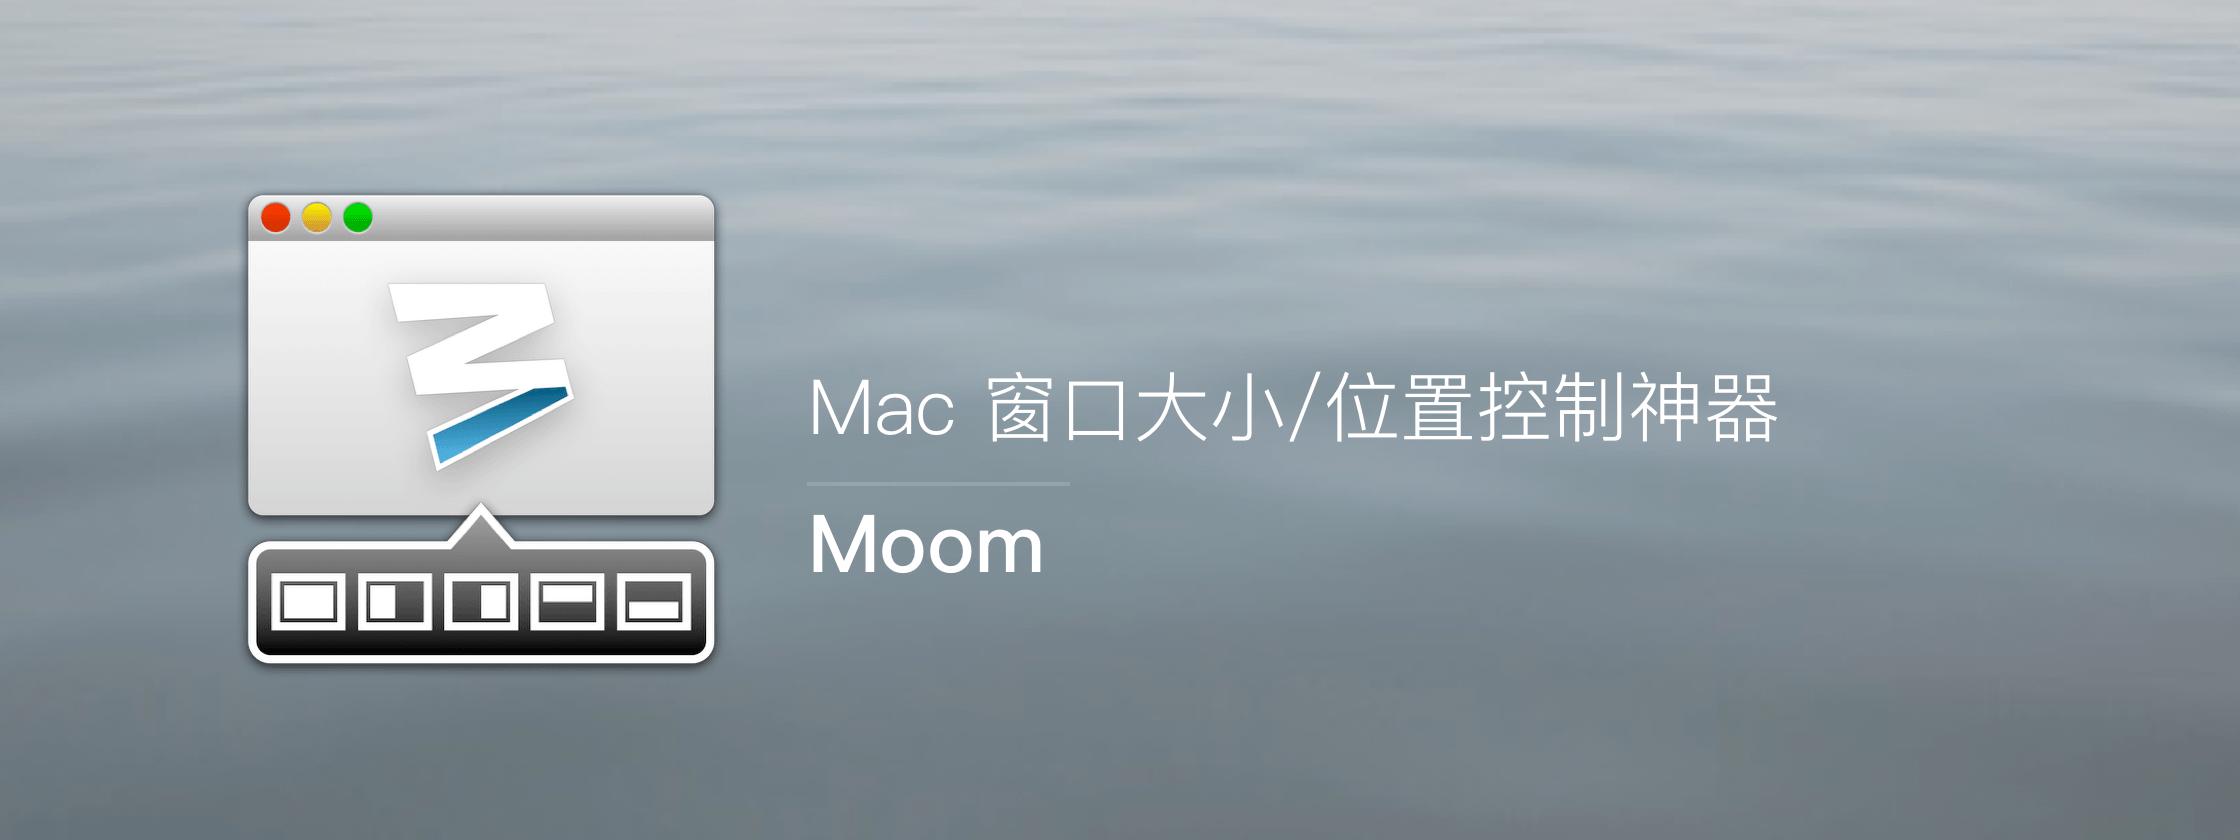 Moom – Mac 窗口大小/位置控制神器